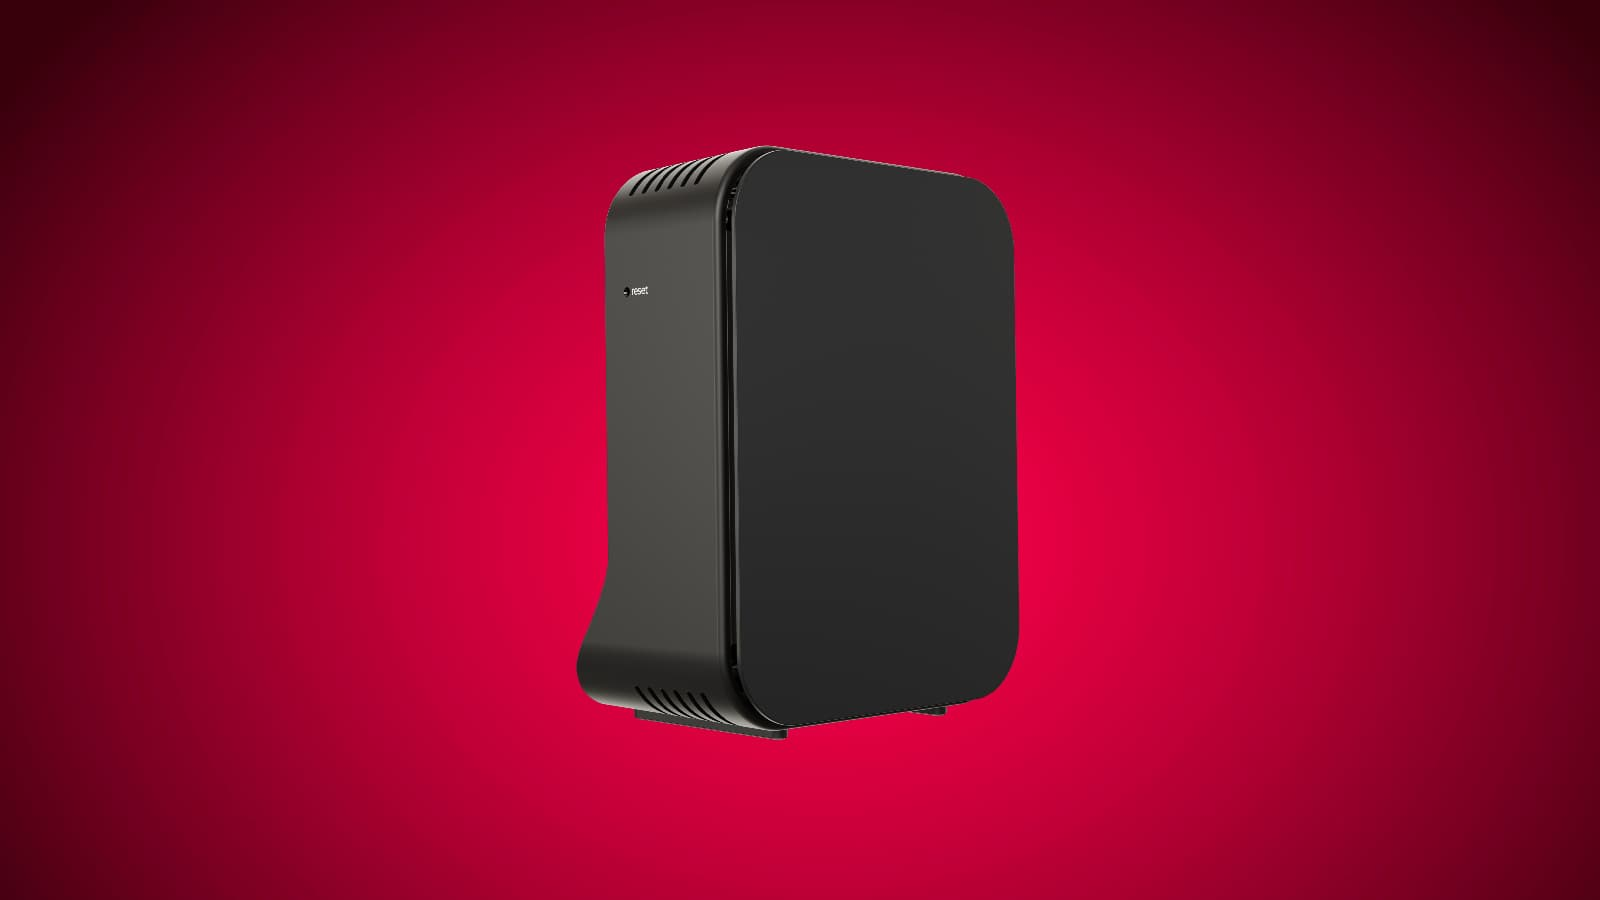 Gagnez en couverture avec le répéteur Smart WiFi de SFR